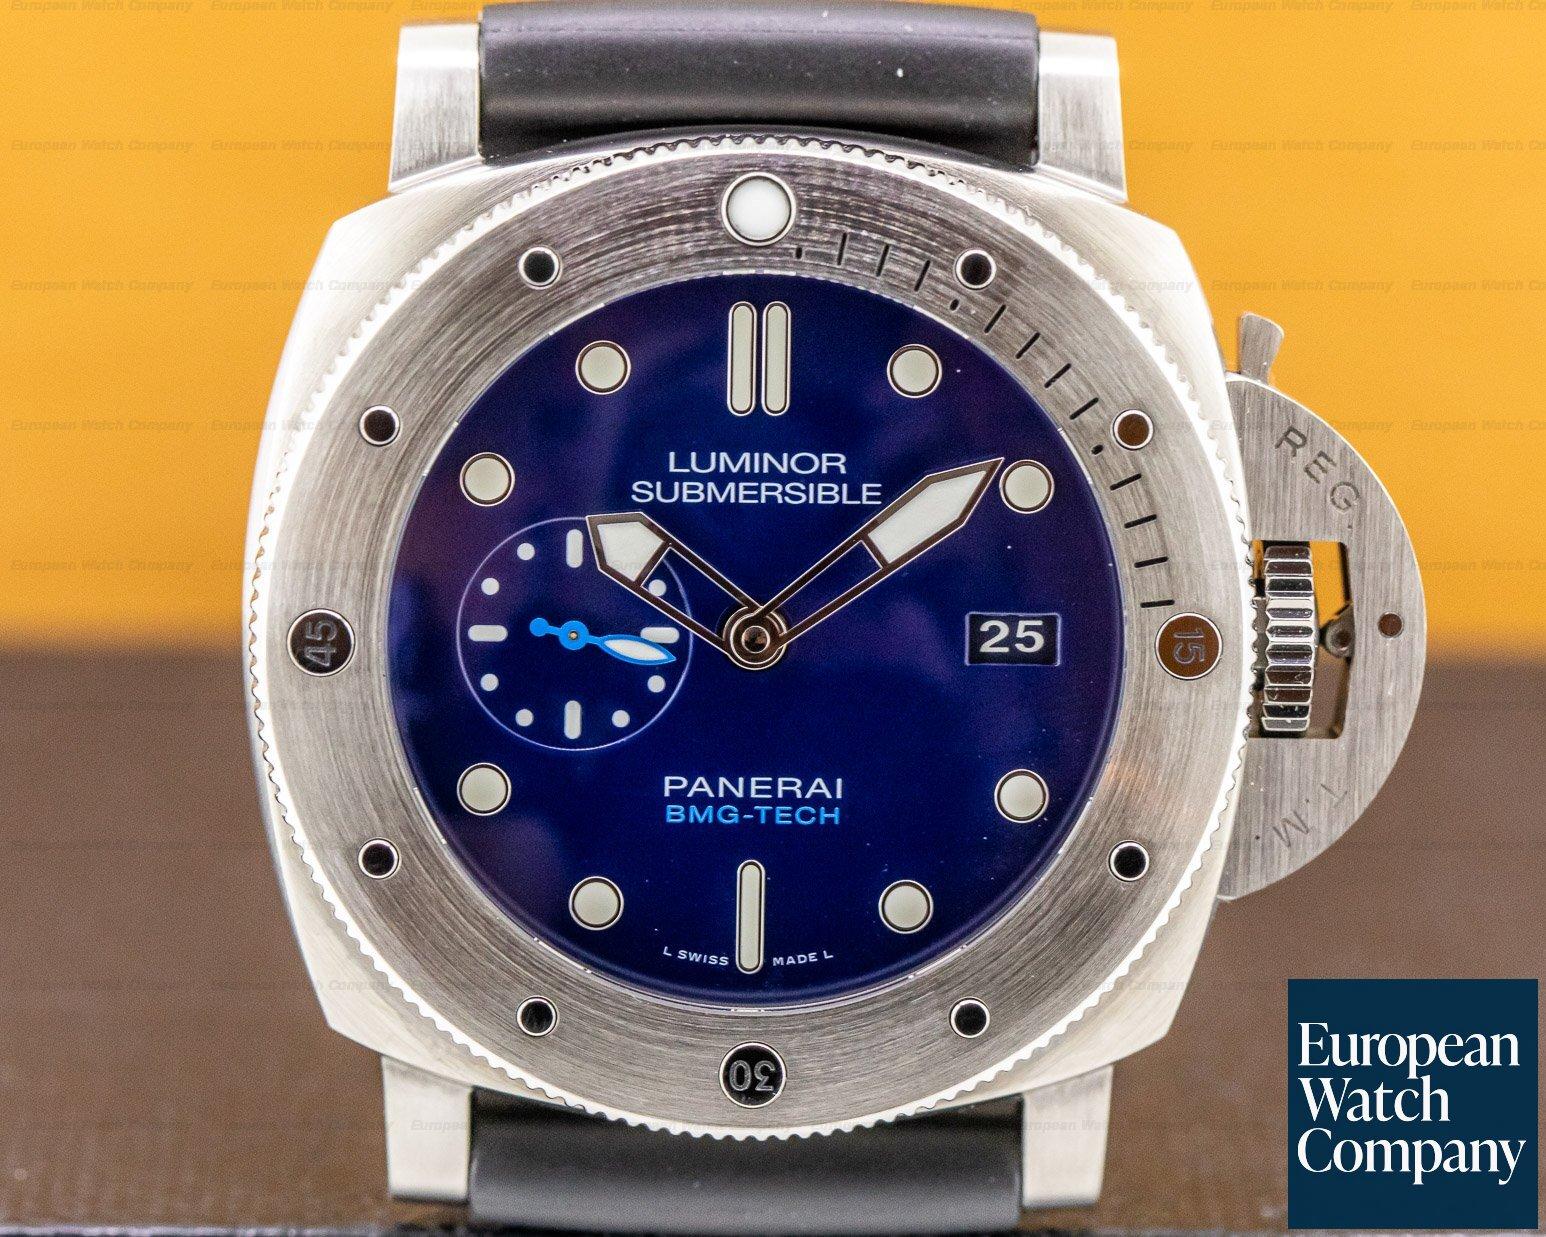 Panerai PAM00692 Luminor Submersible 1950 BMG-TECH 3 Days Automatic